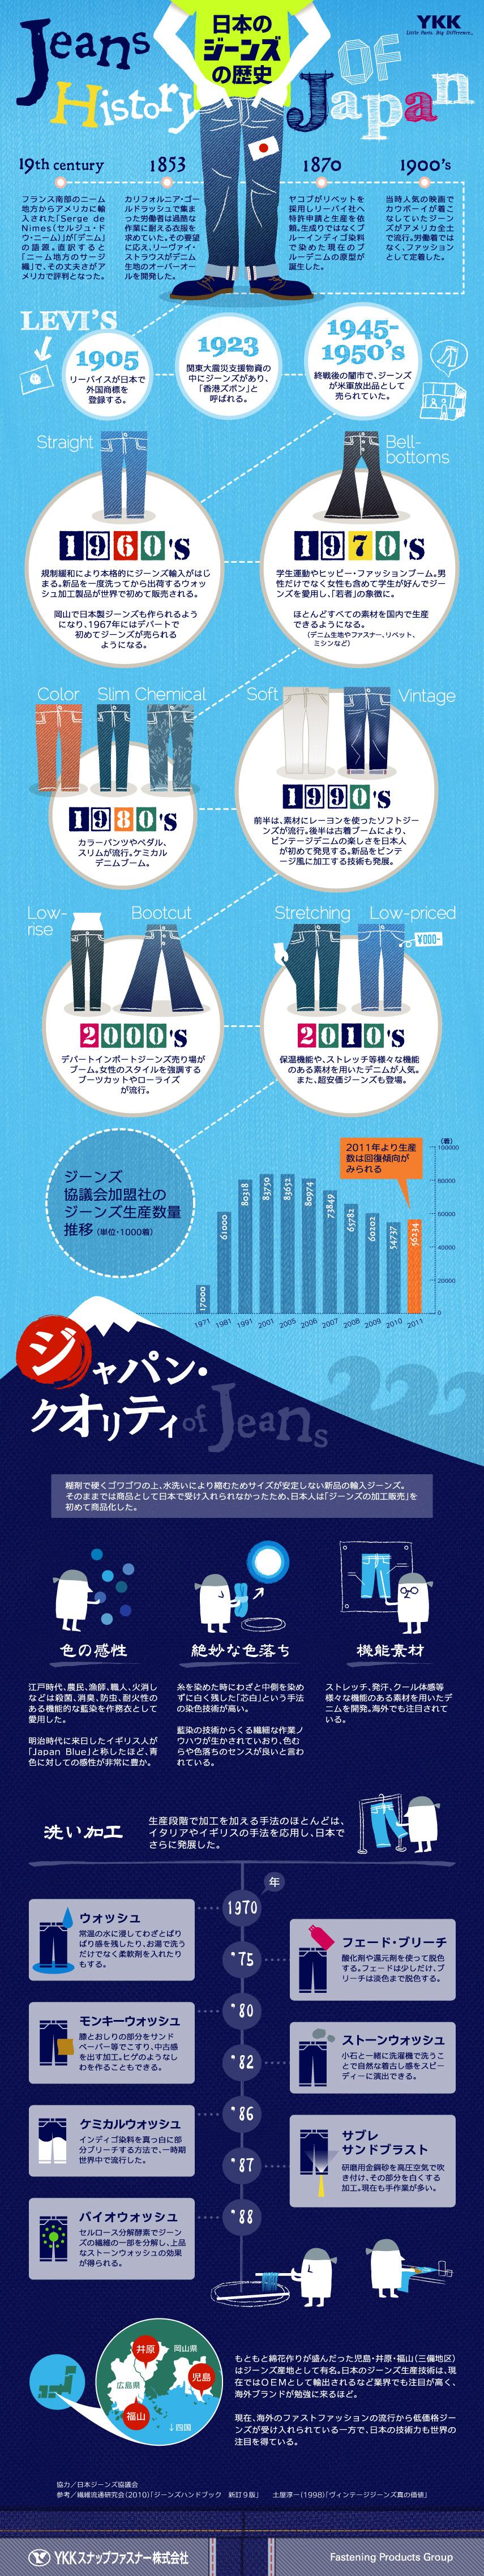 インフォグラフィック:世界最古のジーパンは1200万円!?ジーンズの起源と色落ちの歴史